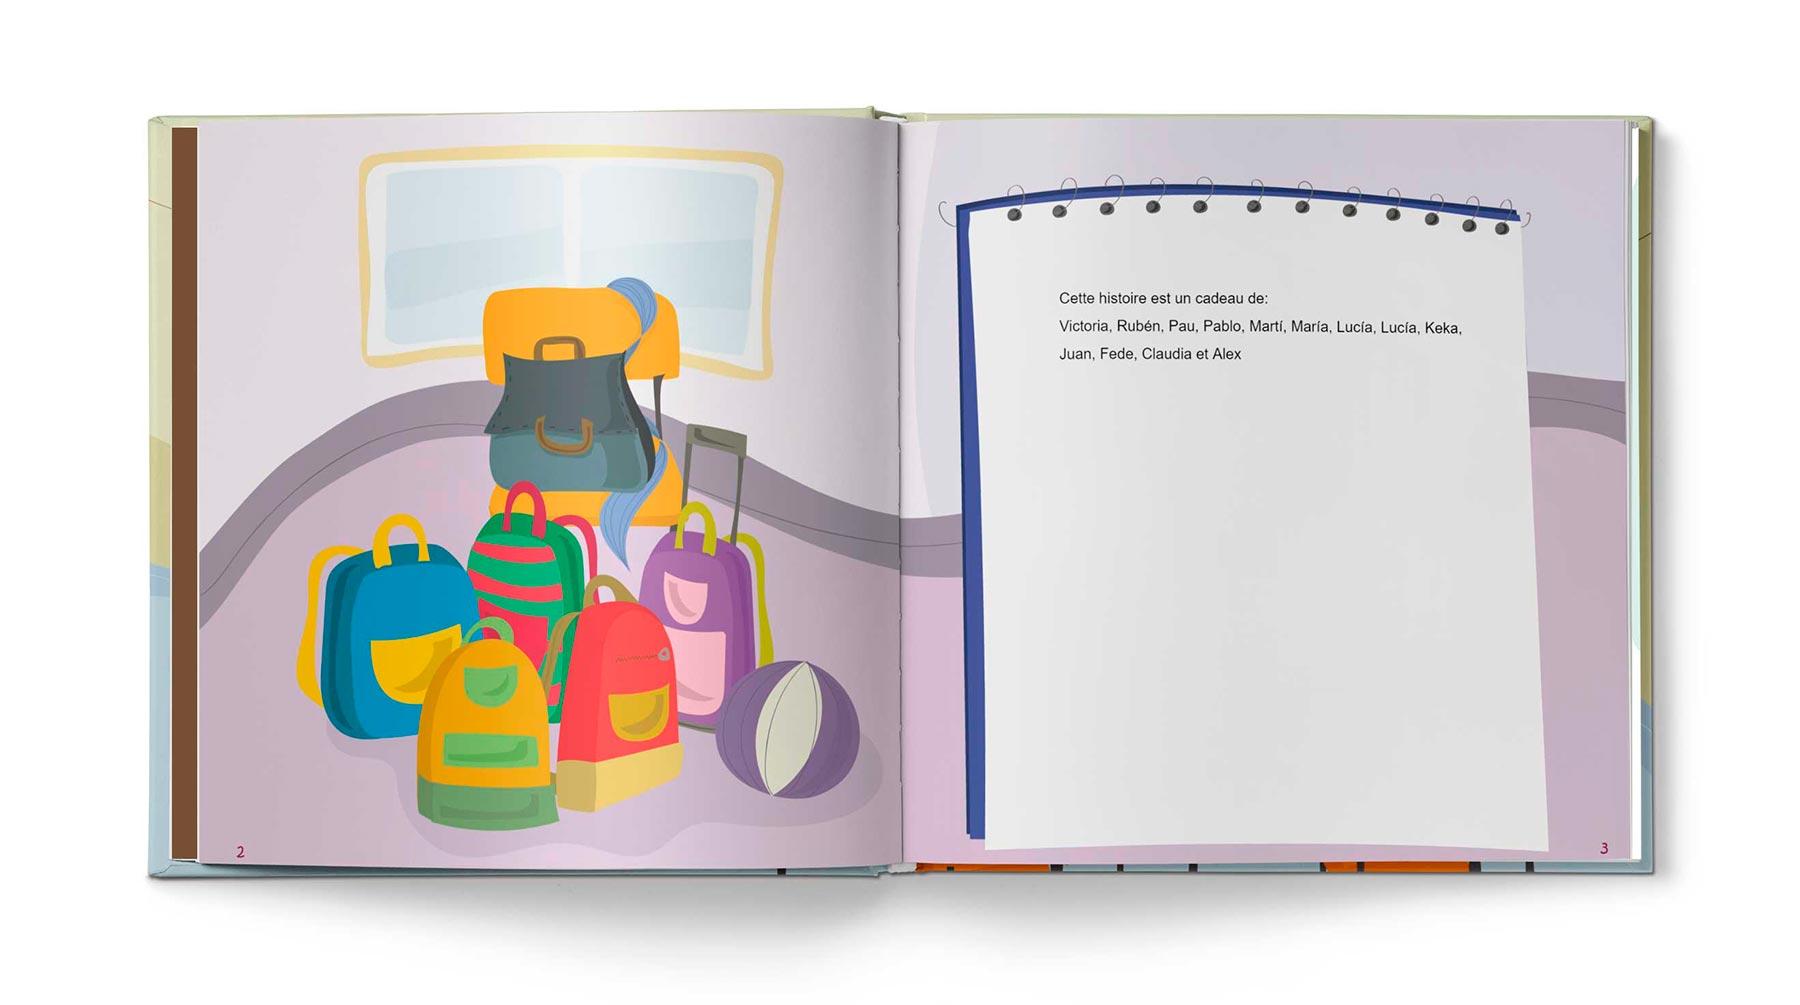 Histoire Le livre d'école - Image 1